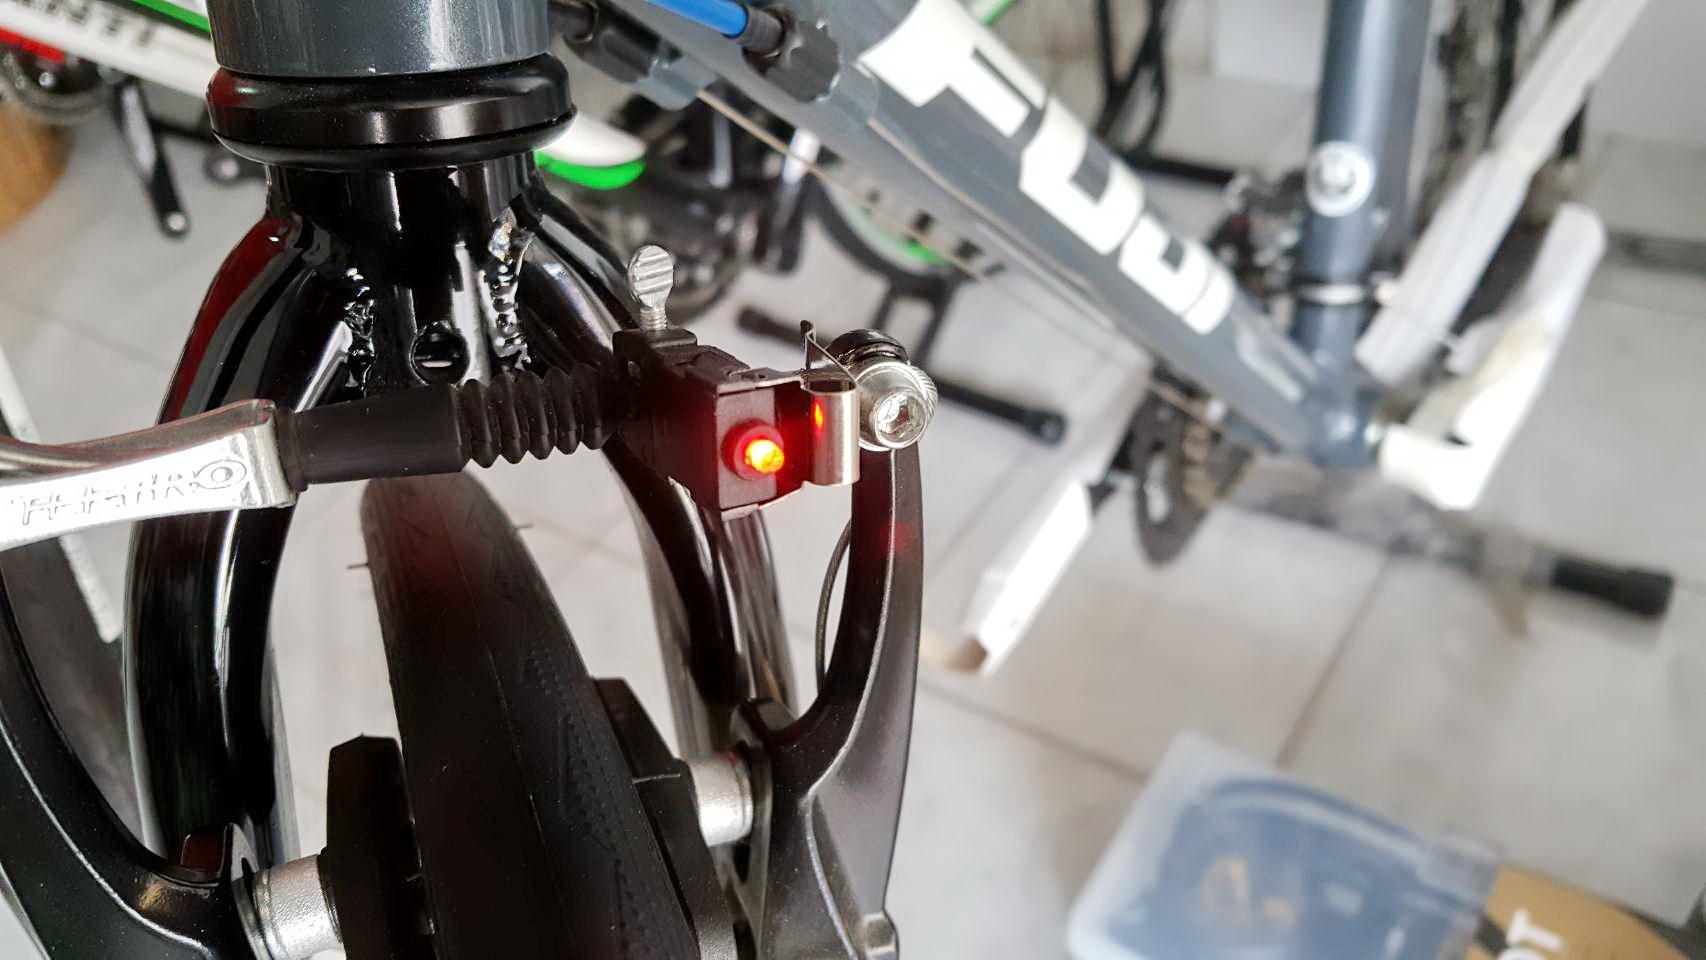 ไฟเบรคจักรยาน Nano ติดตั้งได้ทั้ง V Brake Disc Brake และเบรคแบบเคเบิ้ลั่วไป